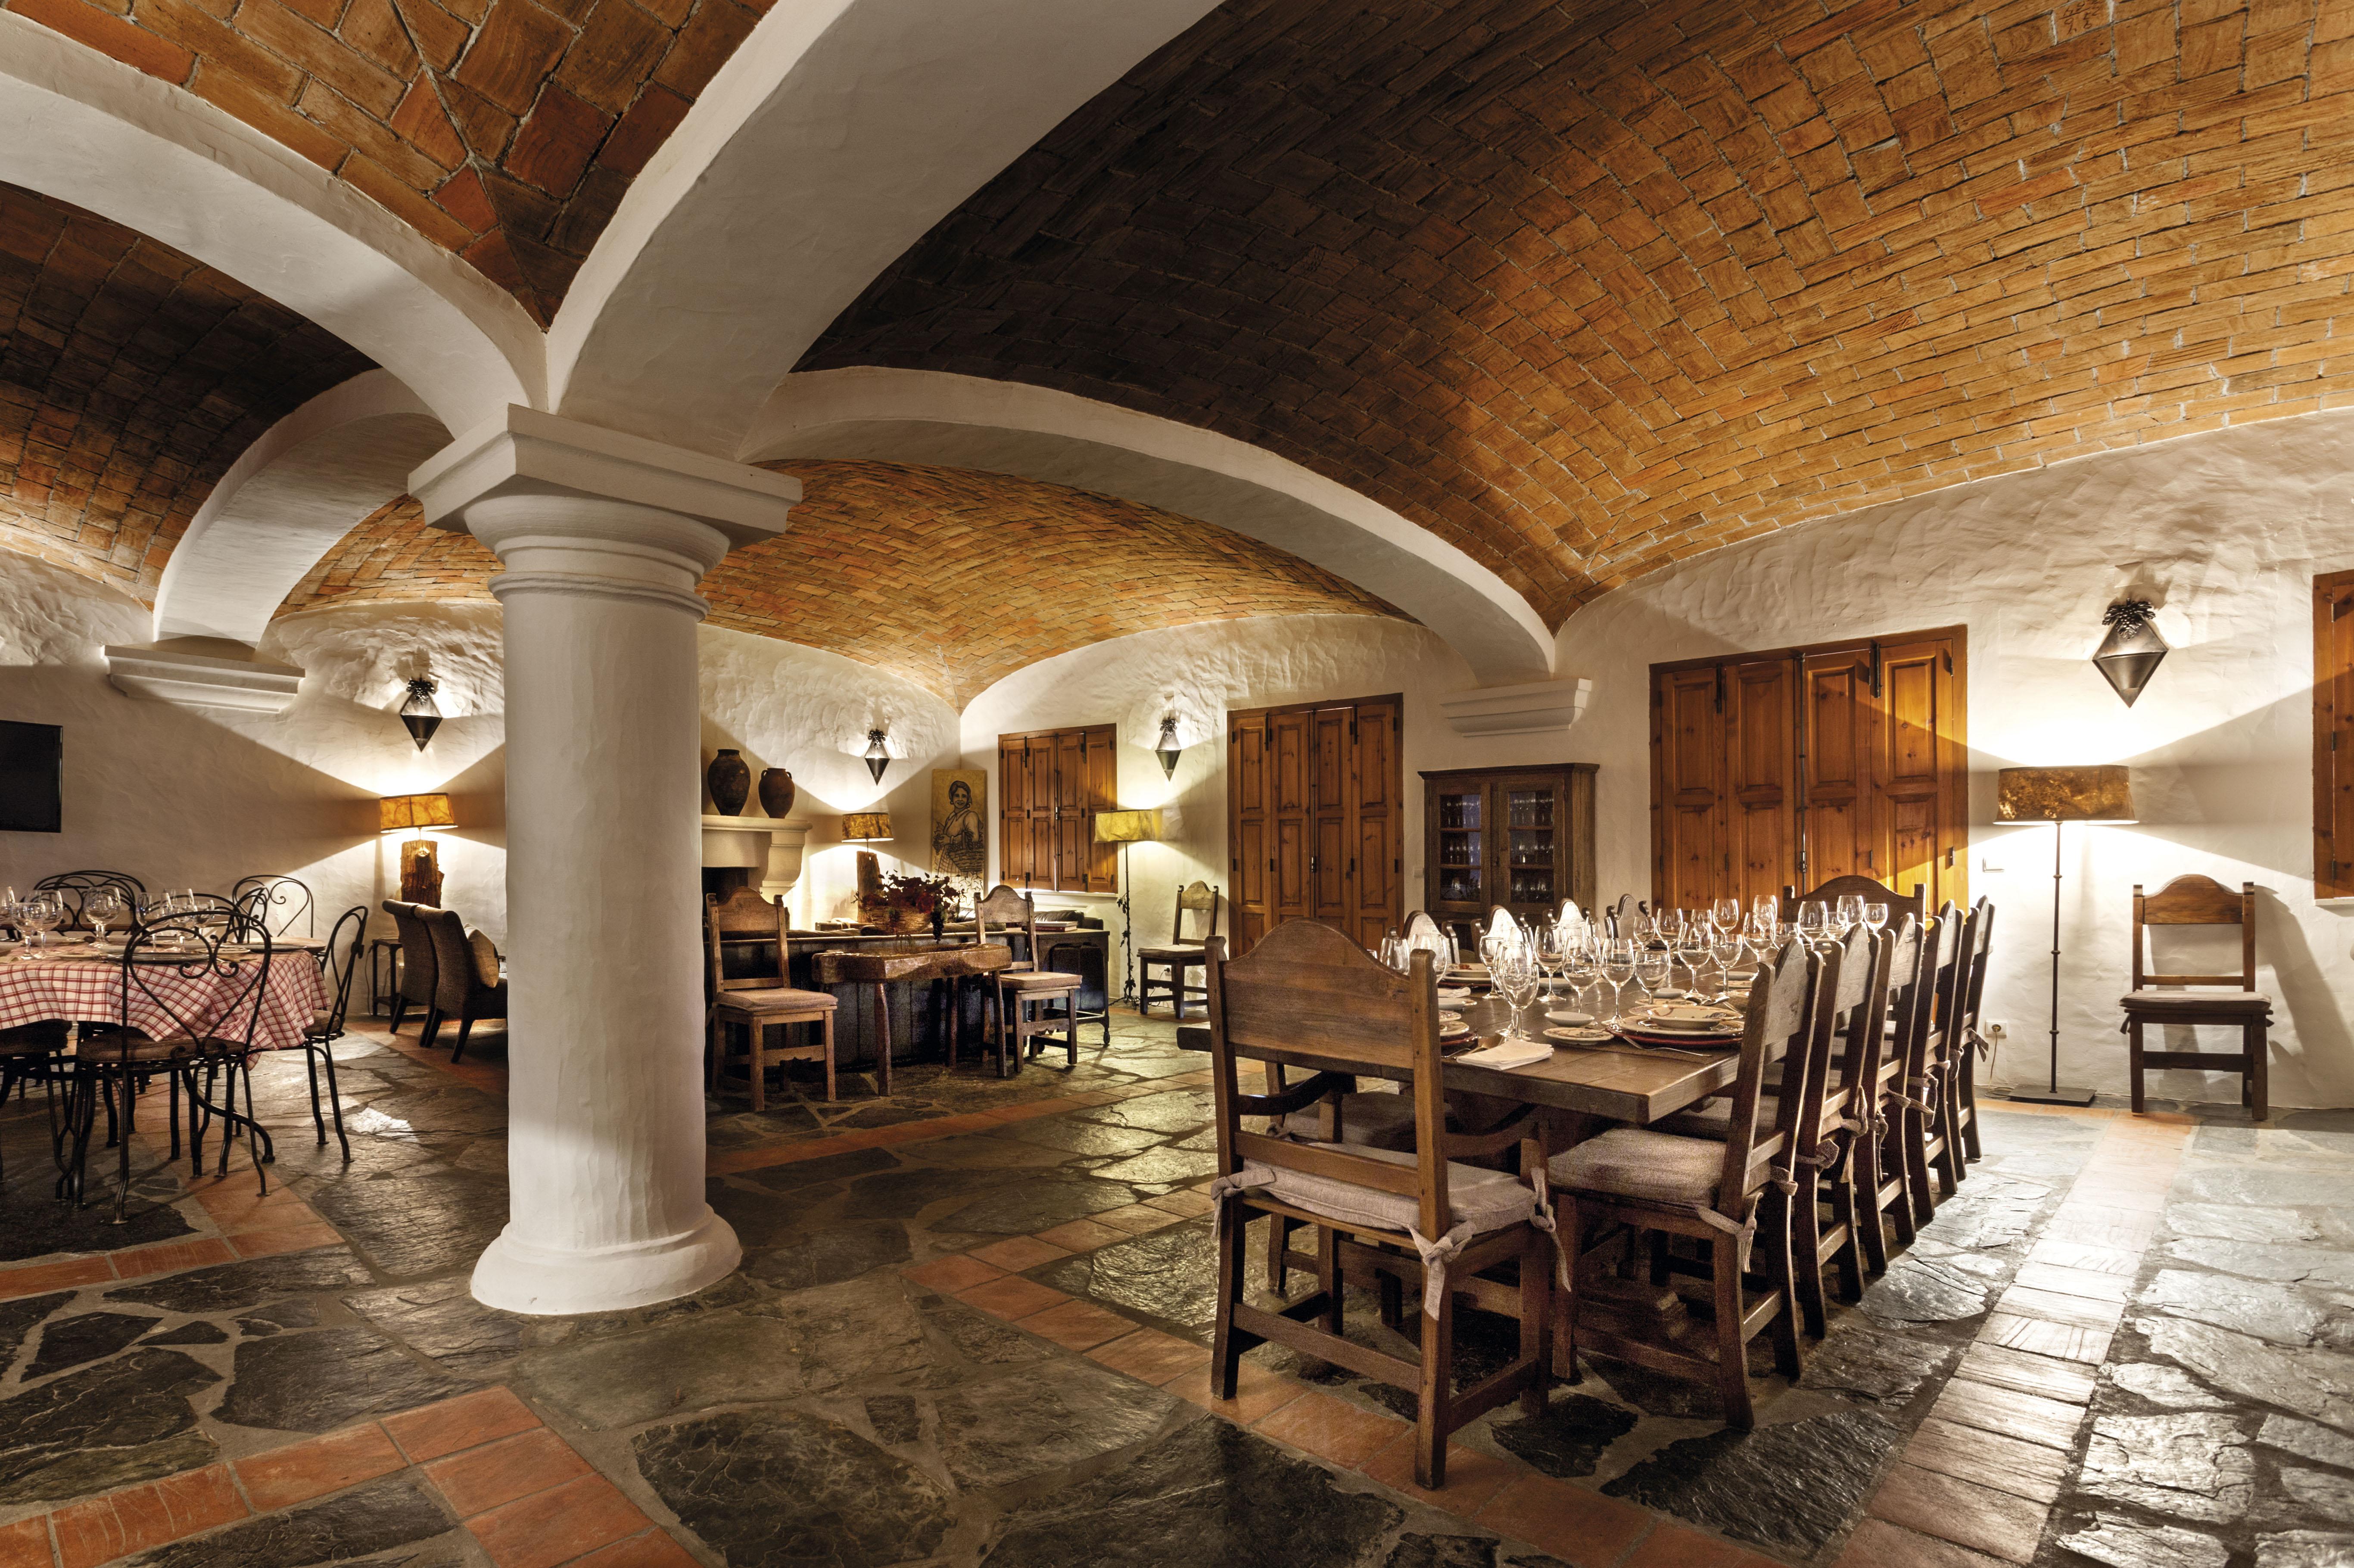 Casa de jantar